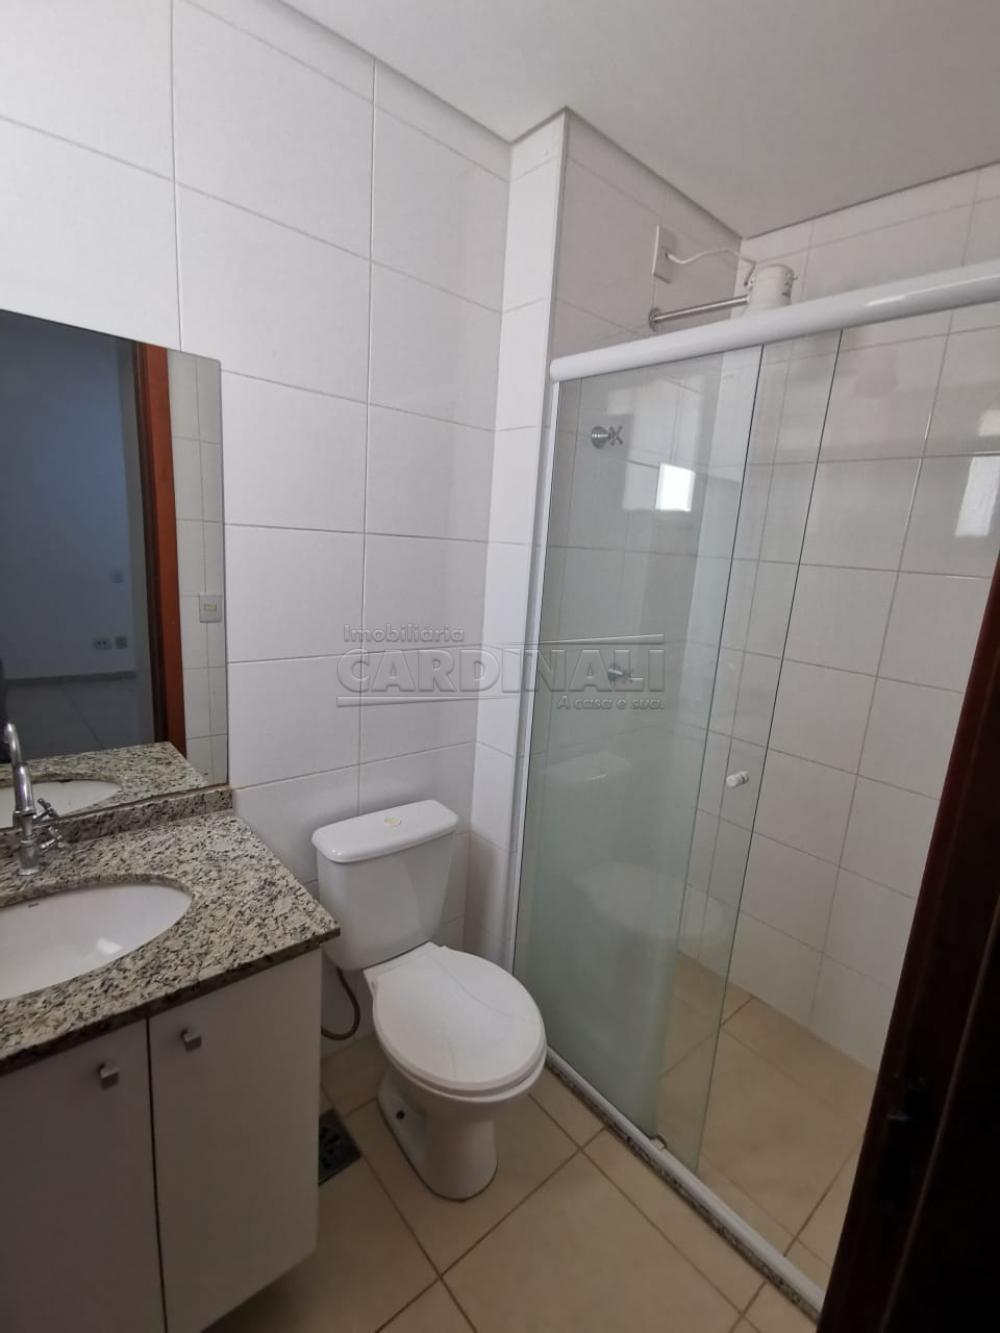 Alugar Apartamento / Padrão em Araraquara R$ 550,00 - Foto 10